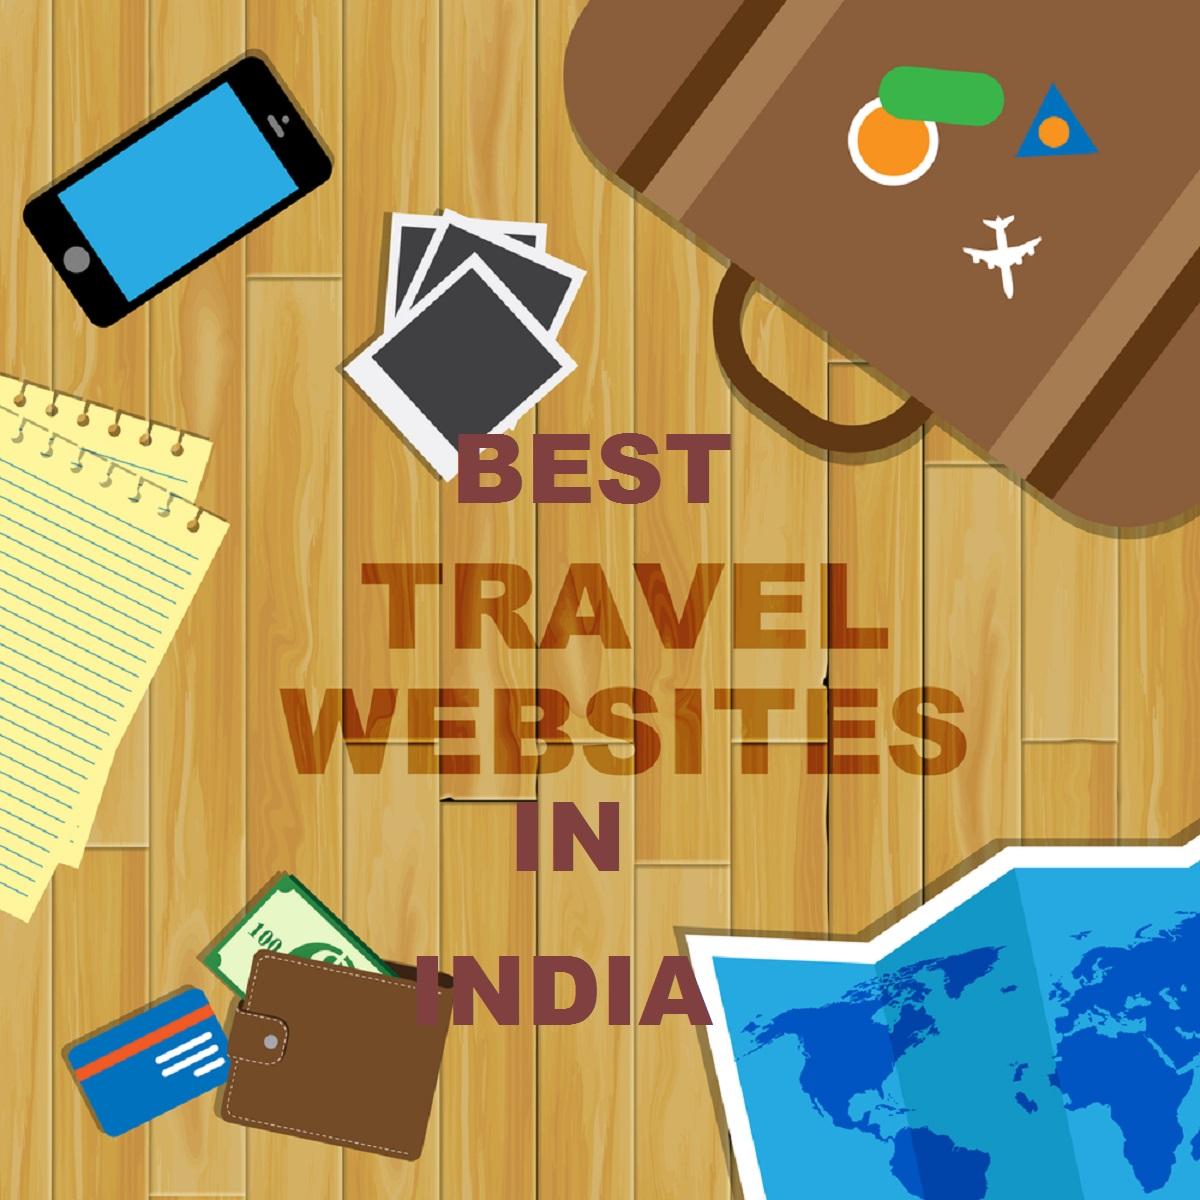 Top 7 Best Travel Websites in India.